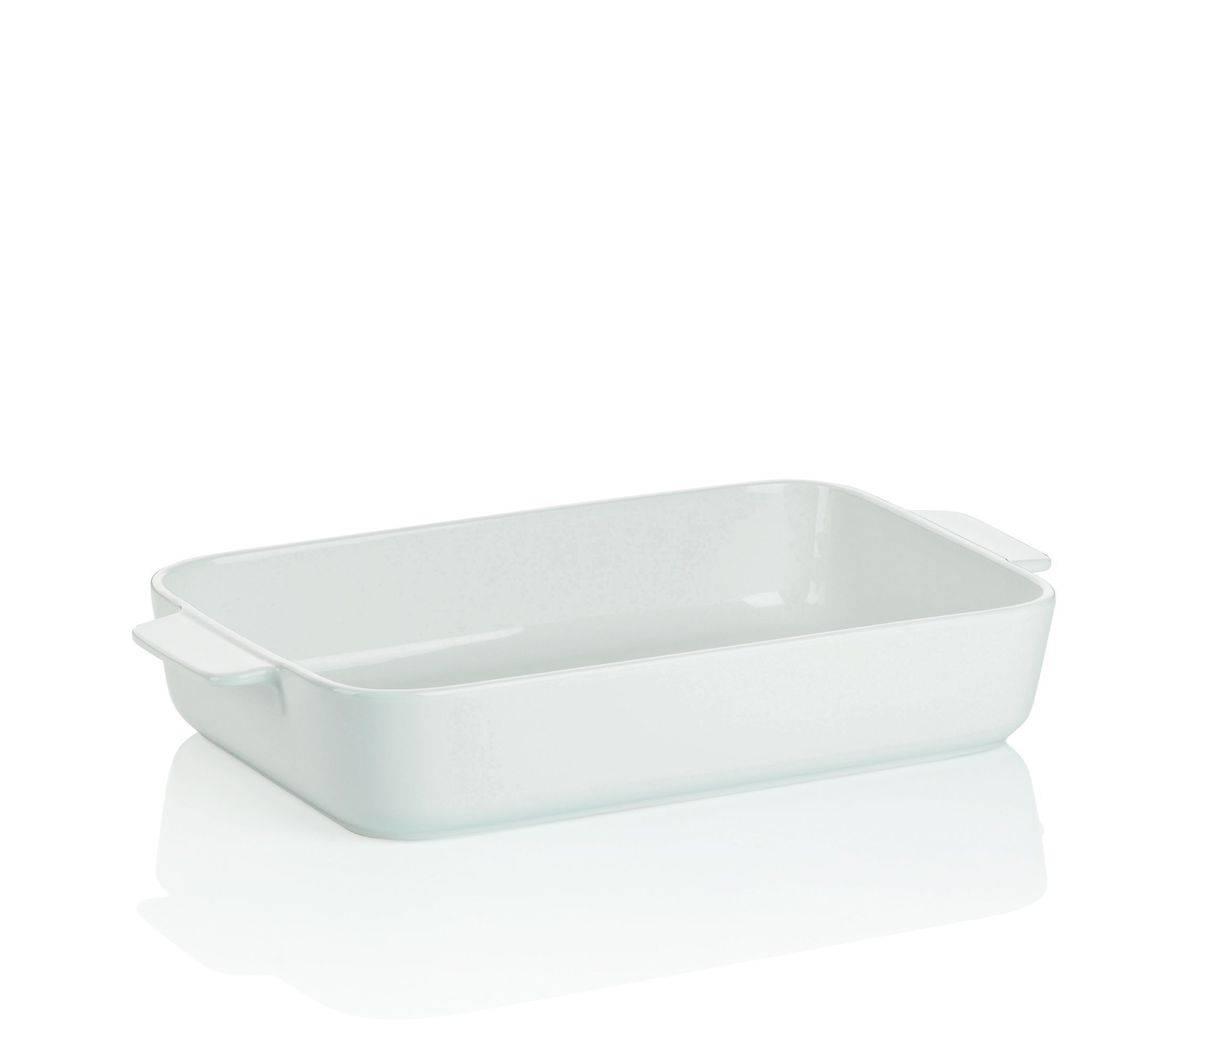 Pekáč ESTER 34,5x20x6 cm porcelán KL-11687 Kela